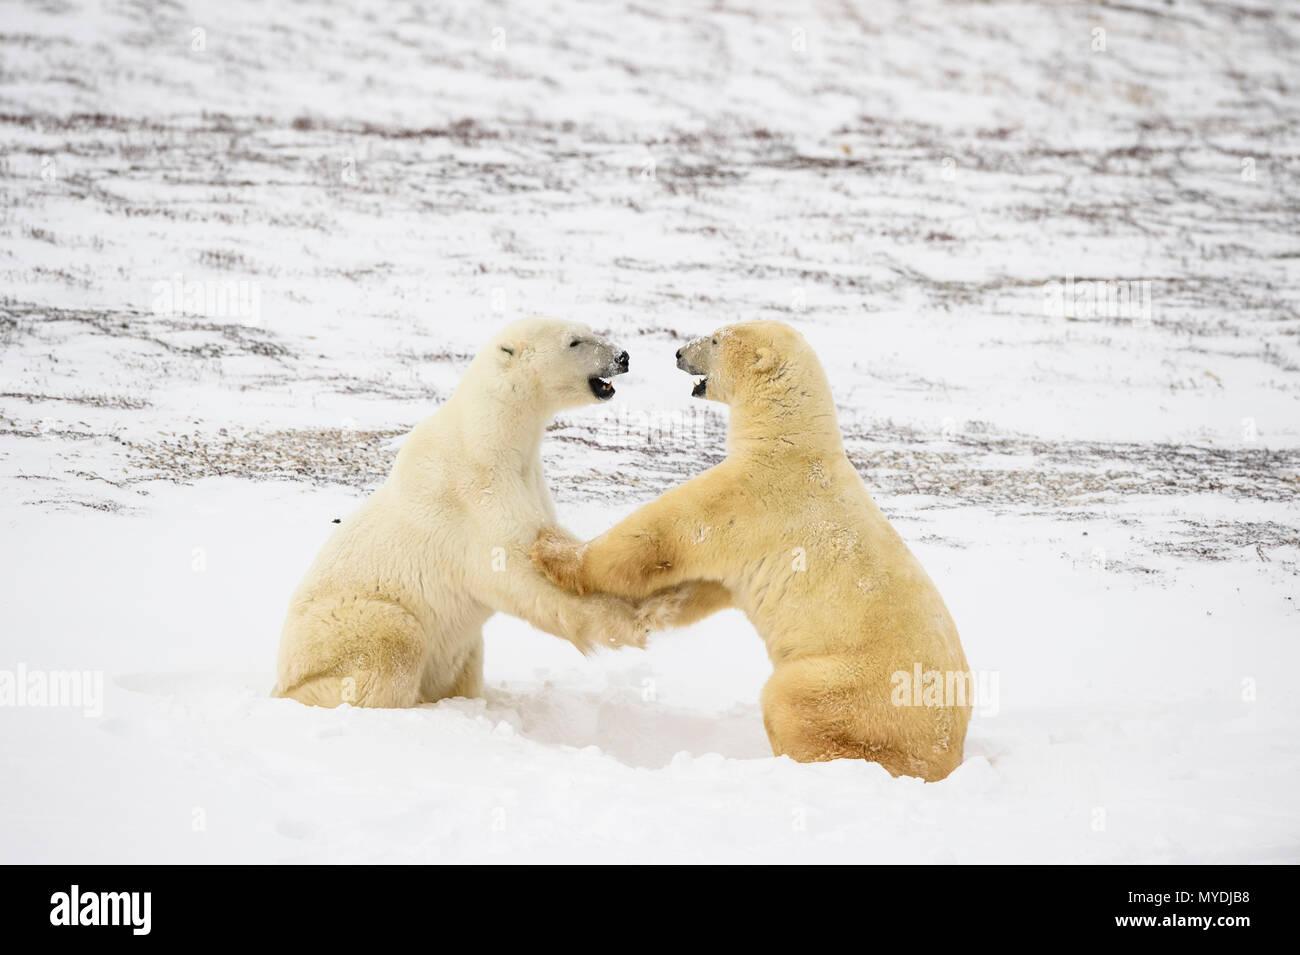 Eisbär (Ursus maritimus) Sparring Paar, Wapusk NP, Cape Churchill, Manitoba, Kanada Stockbild